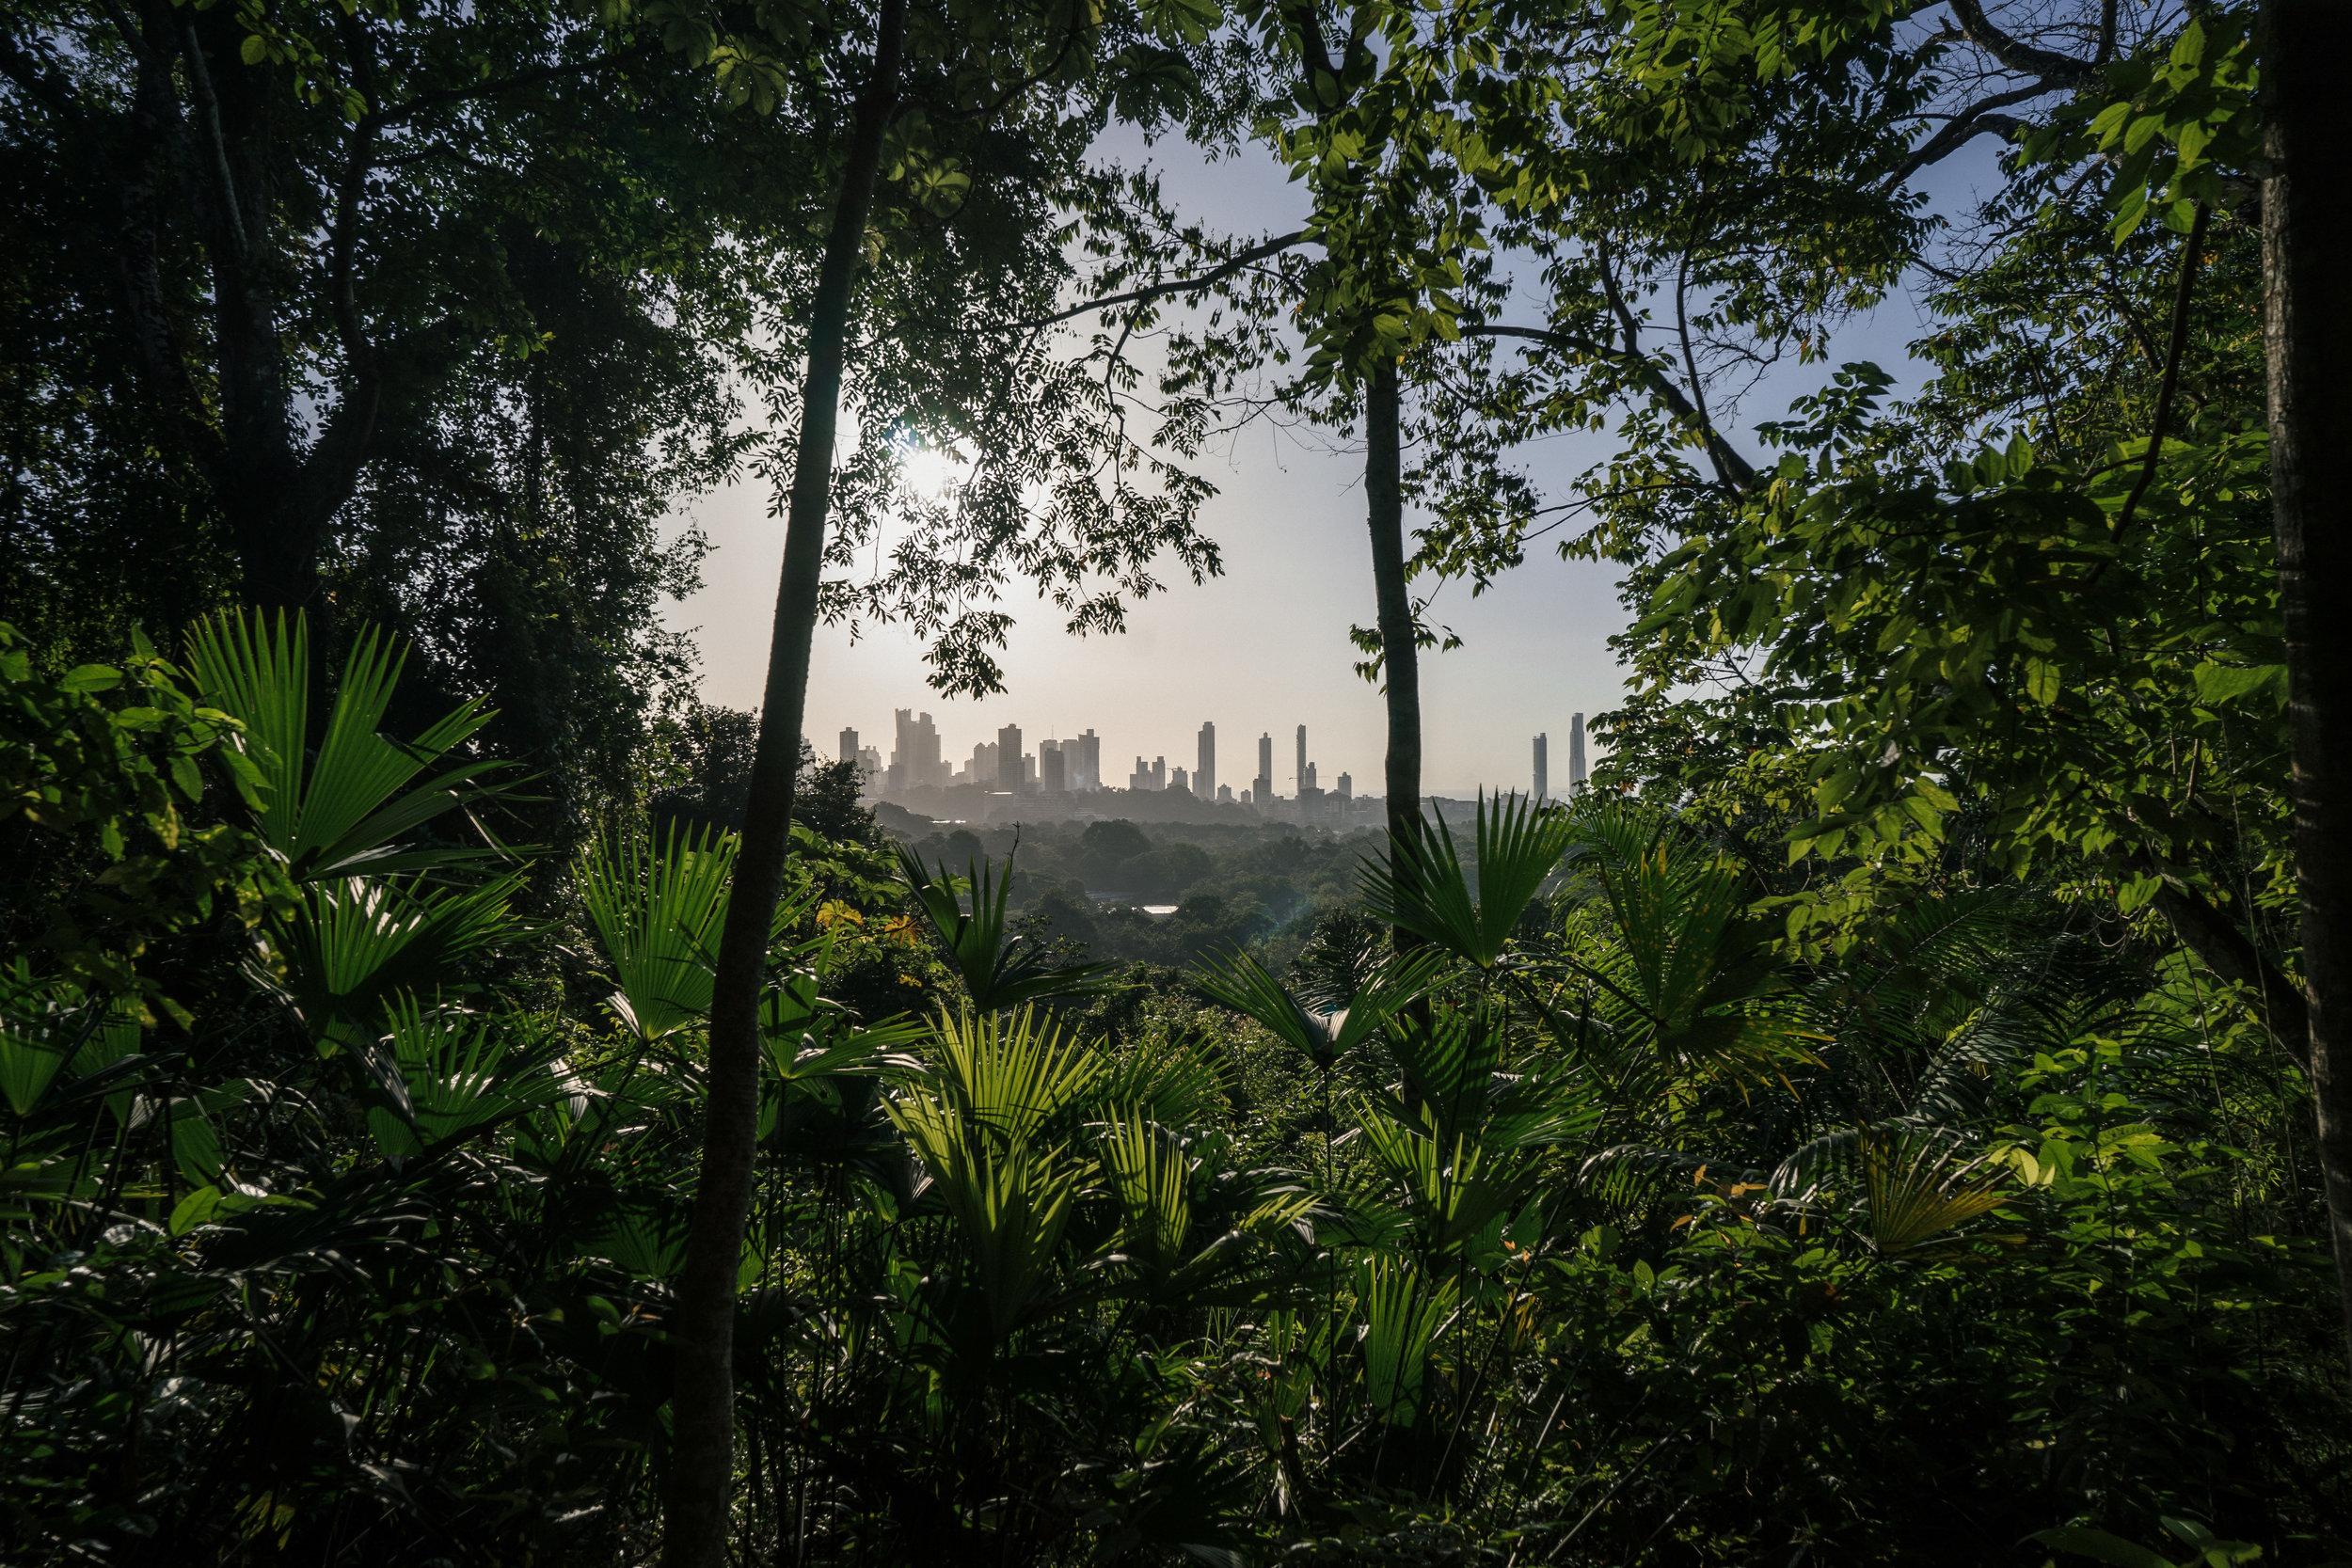 view from the caobos mirador/outlook -